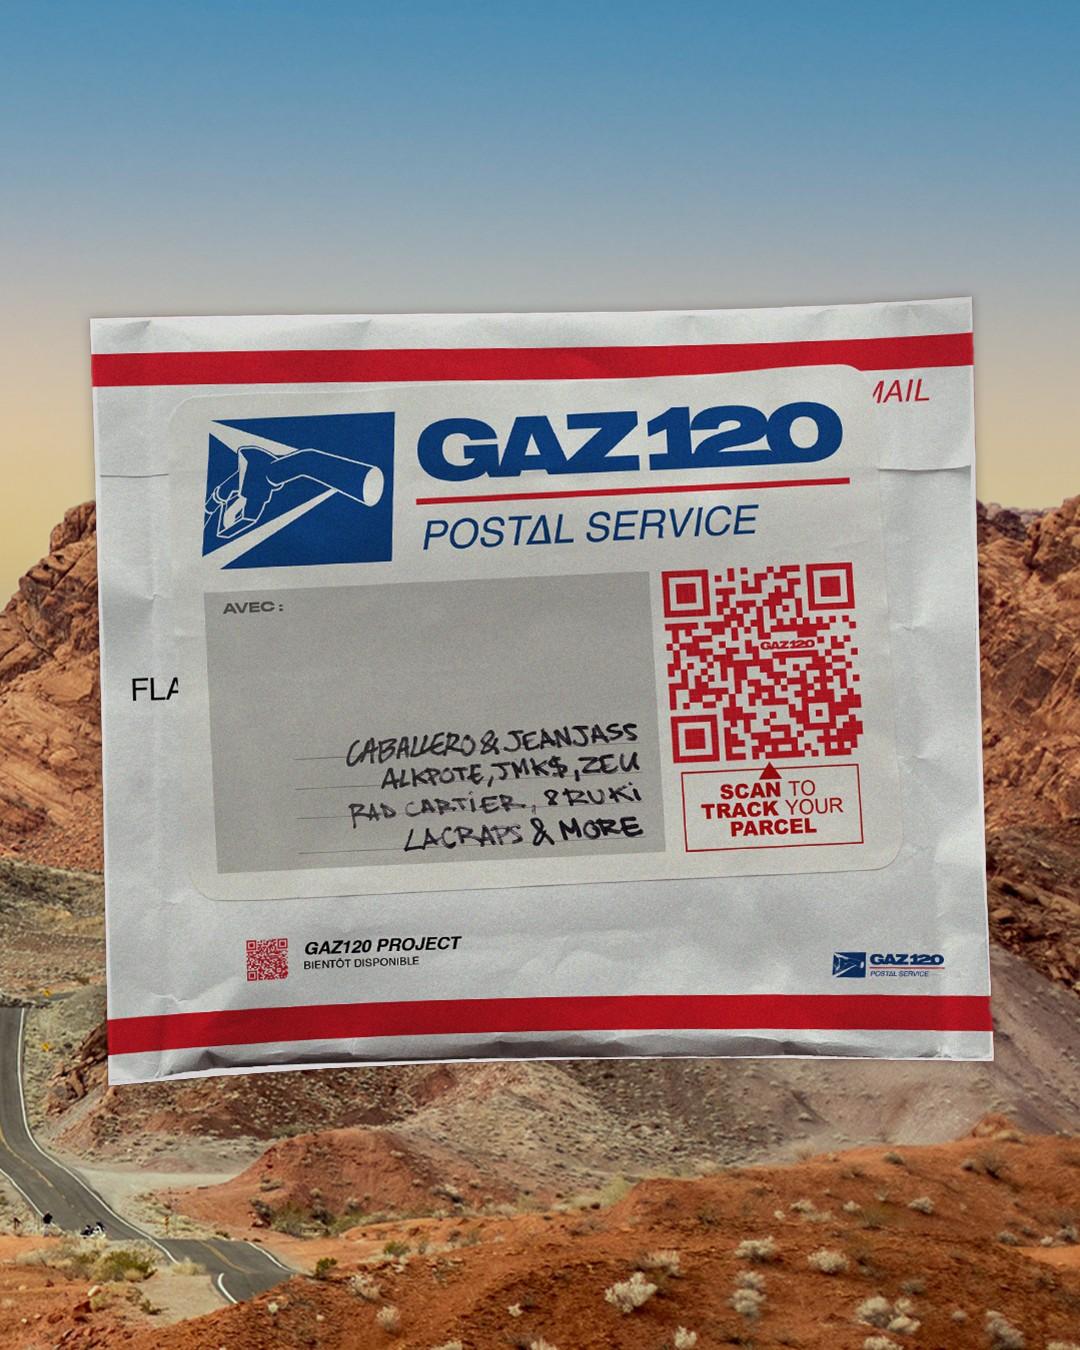 GAZ120